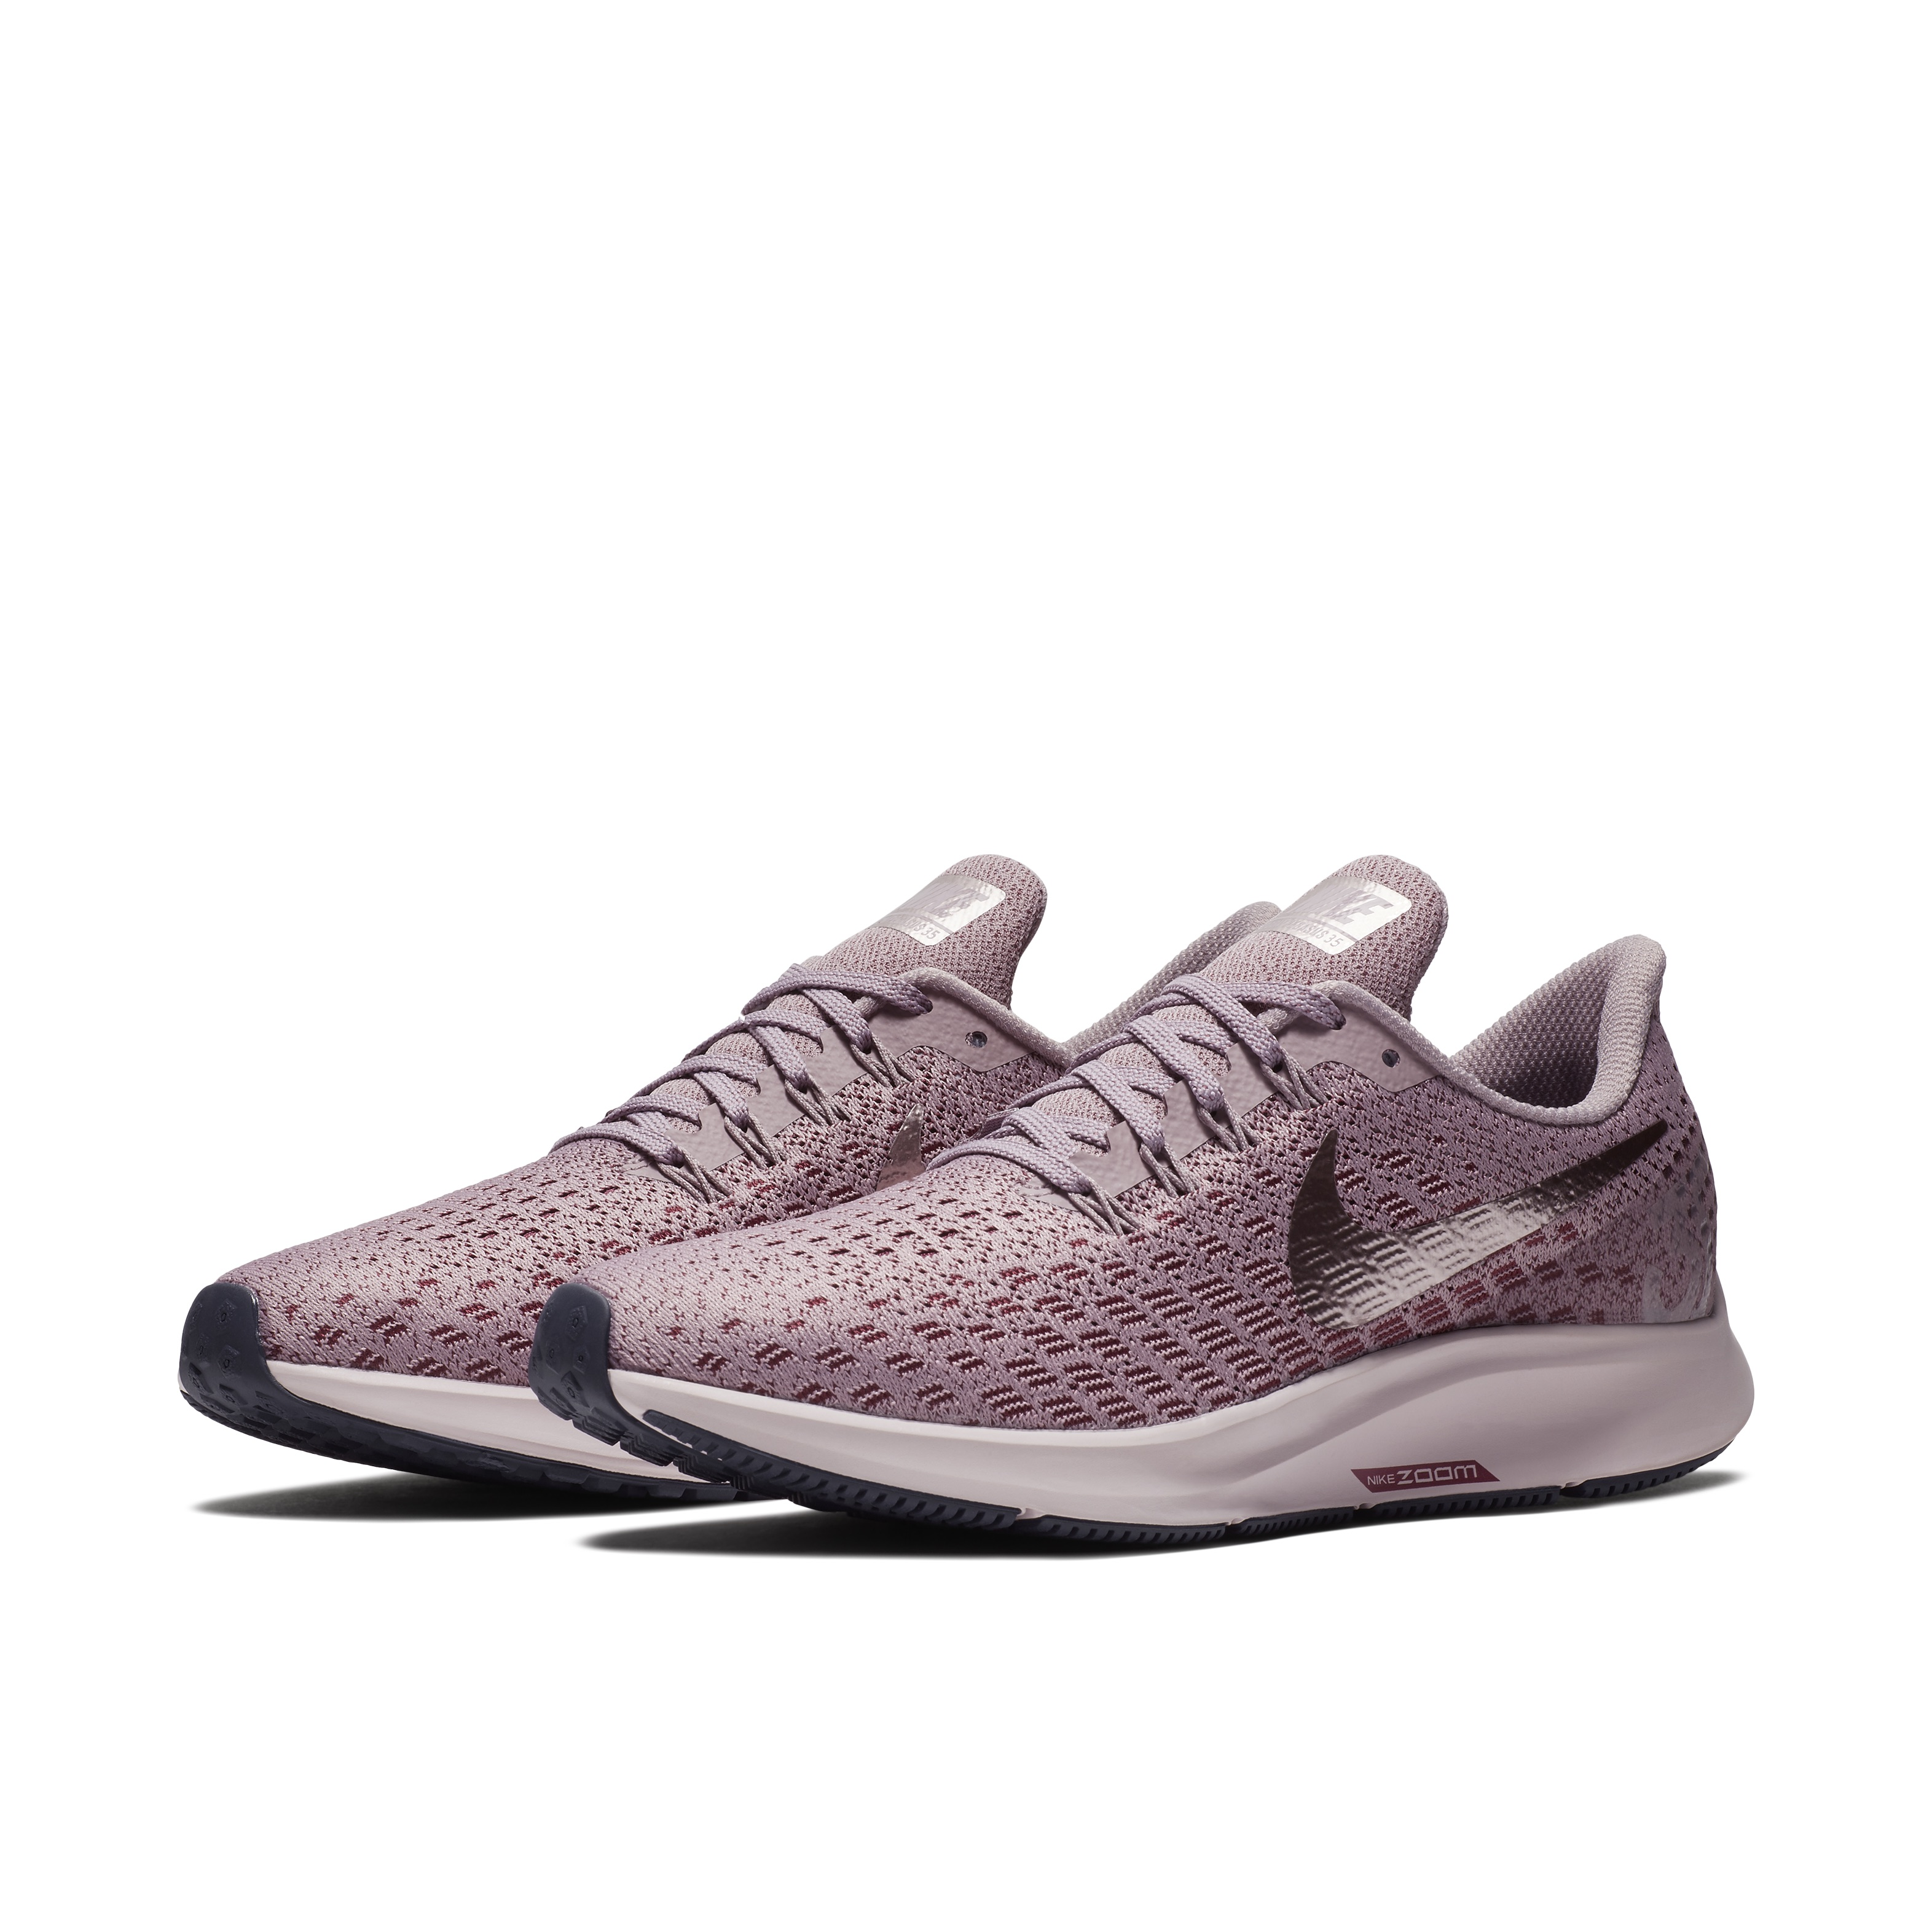 934b28799316d ShoesDay – NIKE AIR ZOOM PEGASUS 35